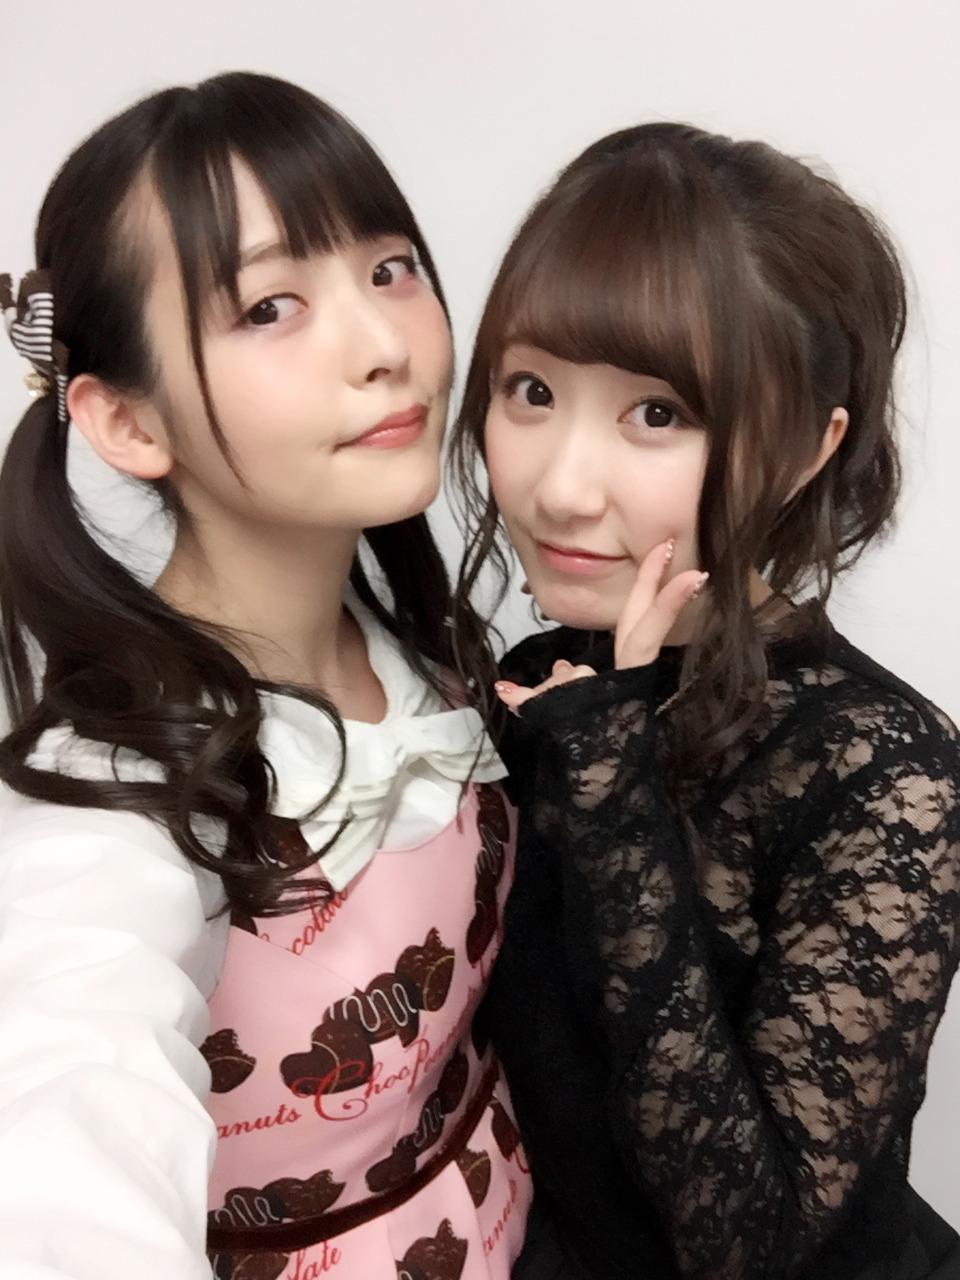 hidaka_rina059.jpg